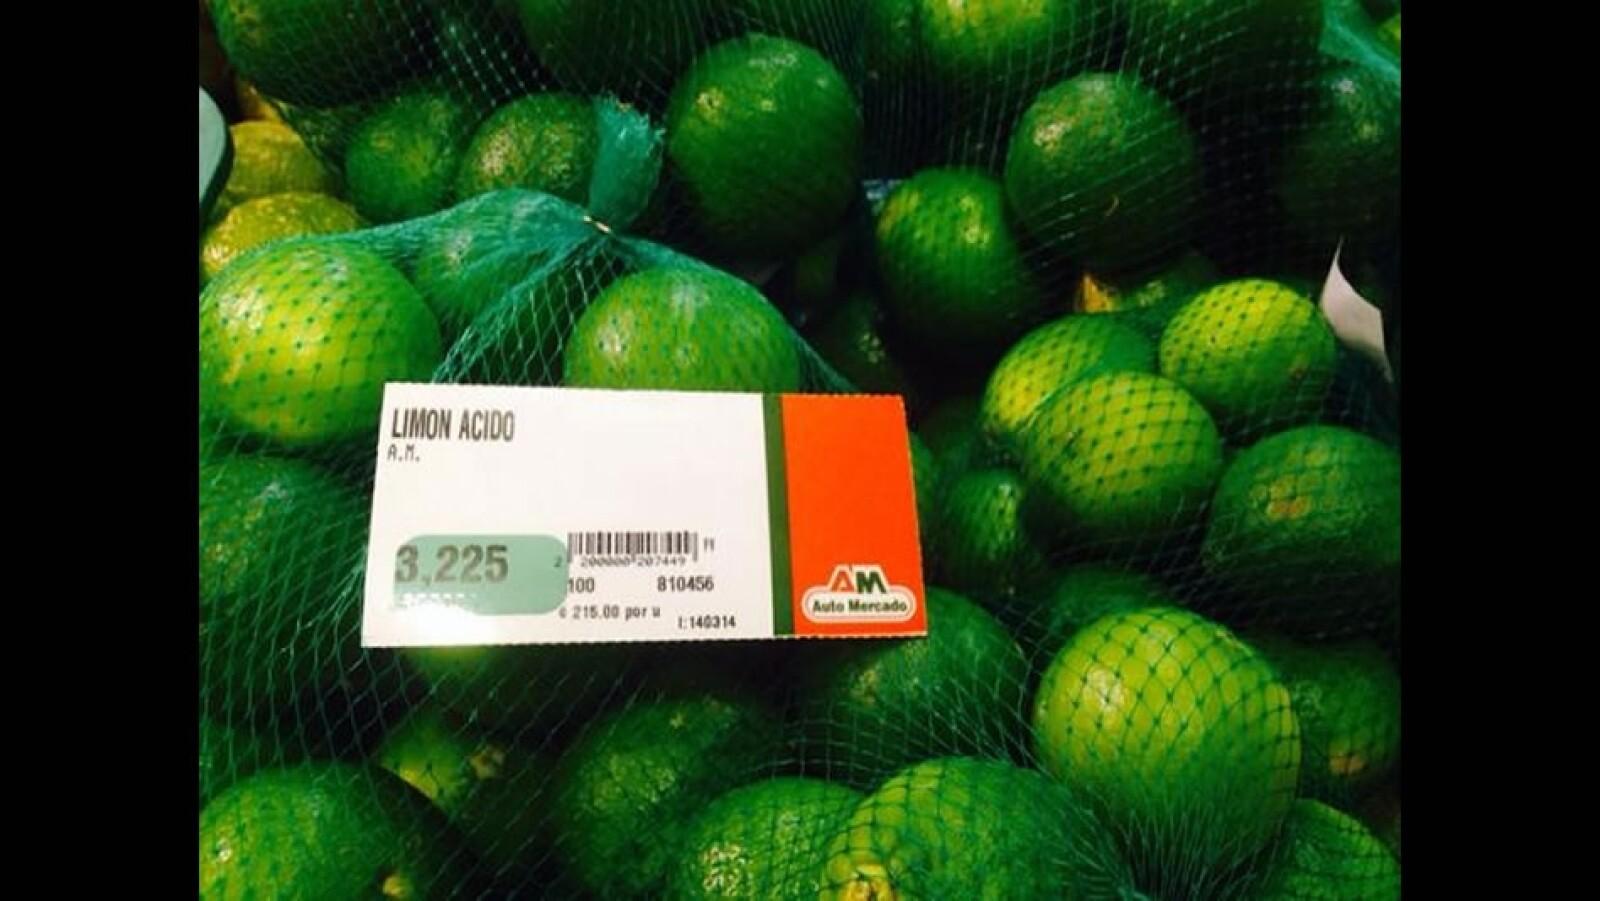 Los 'ticos' también pagan caro el limón